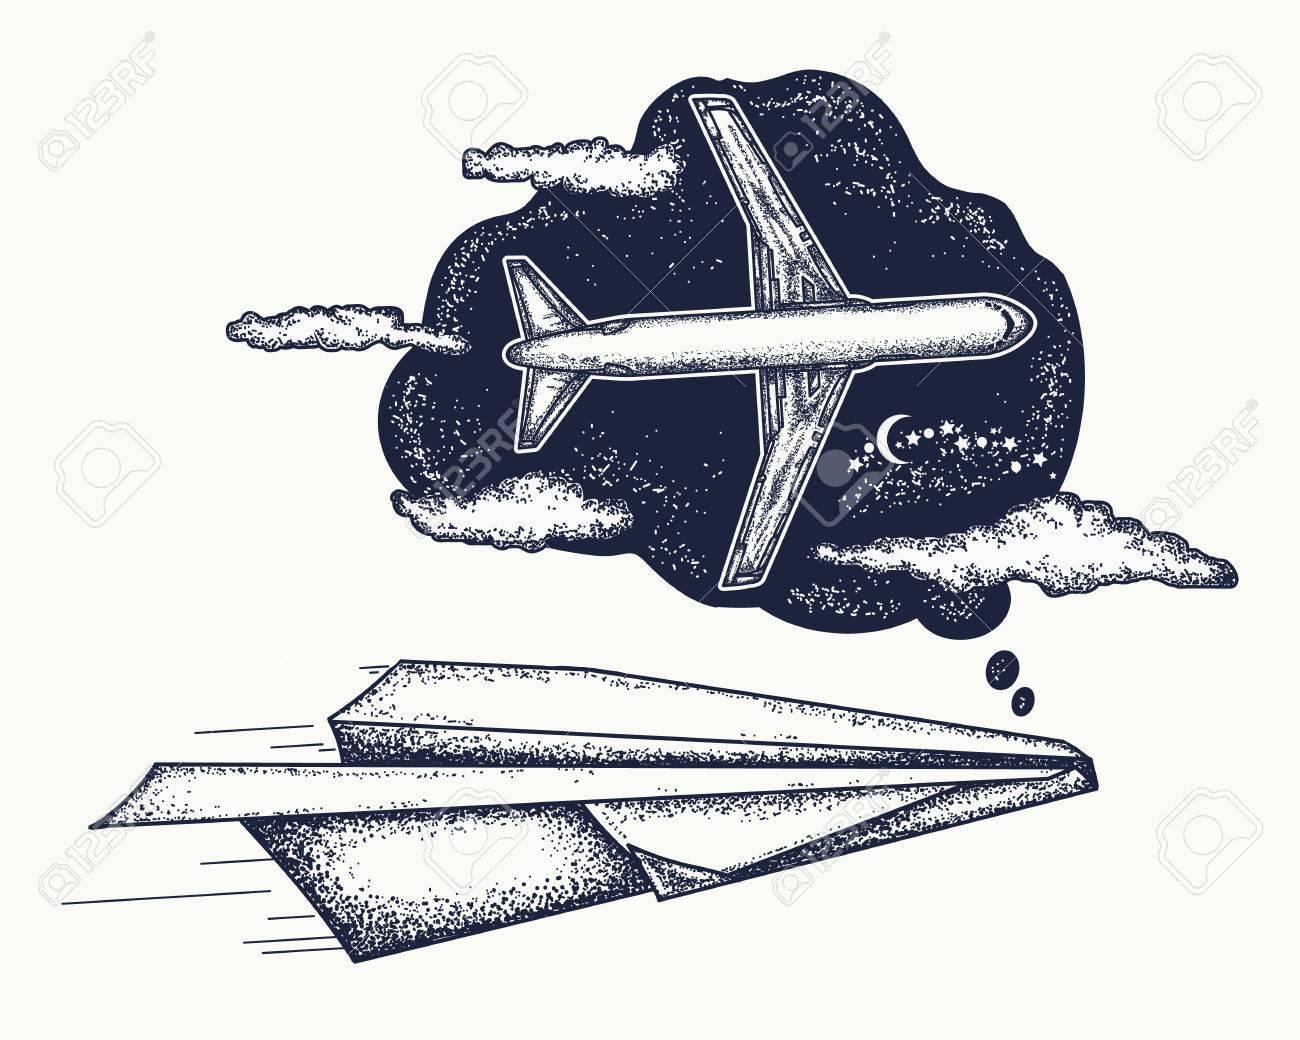 Revez De Tatouage Et De Conception De T Shirt L Avion En Papier Reve De Devenir Le Grand Avion Imagination De Symbole Reve Motivation Tatouage